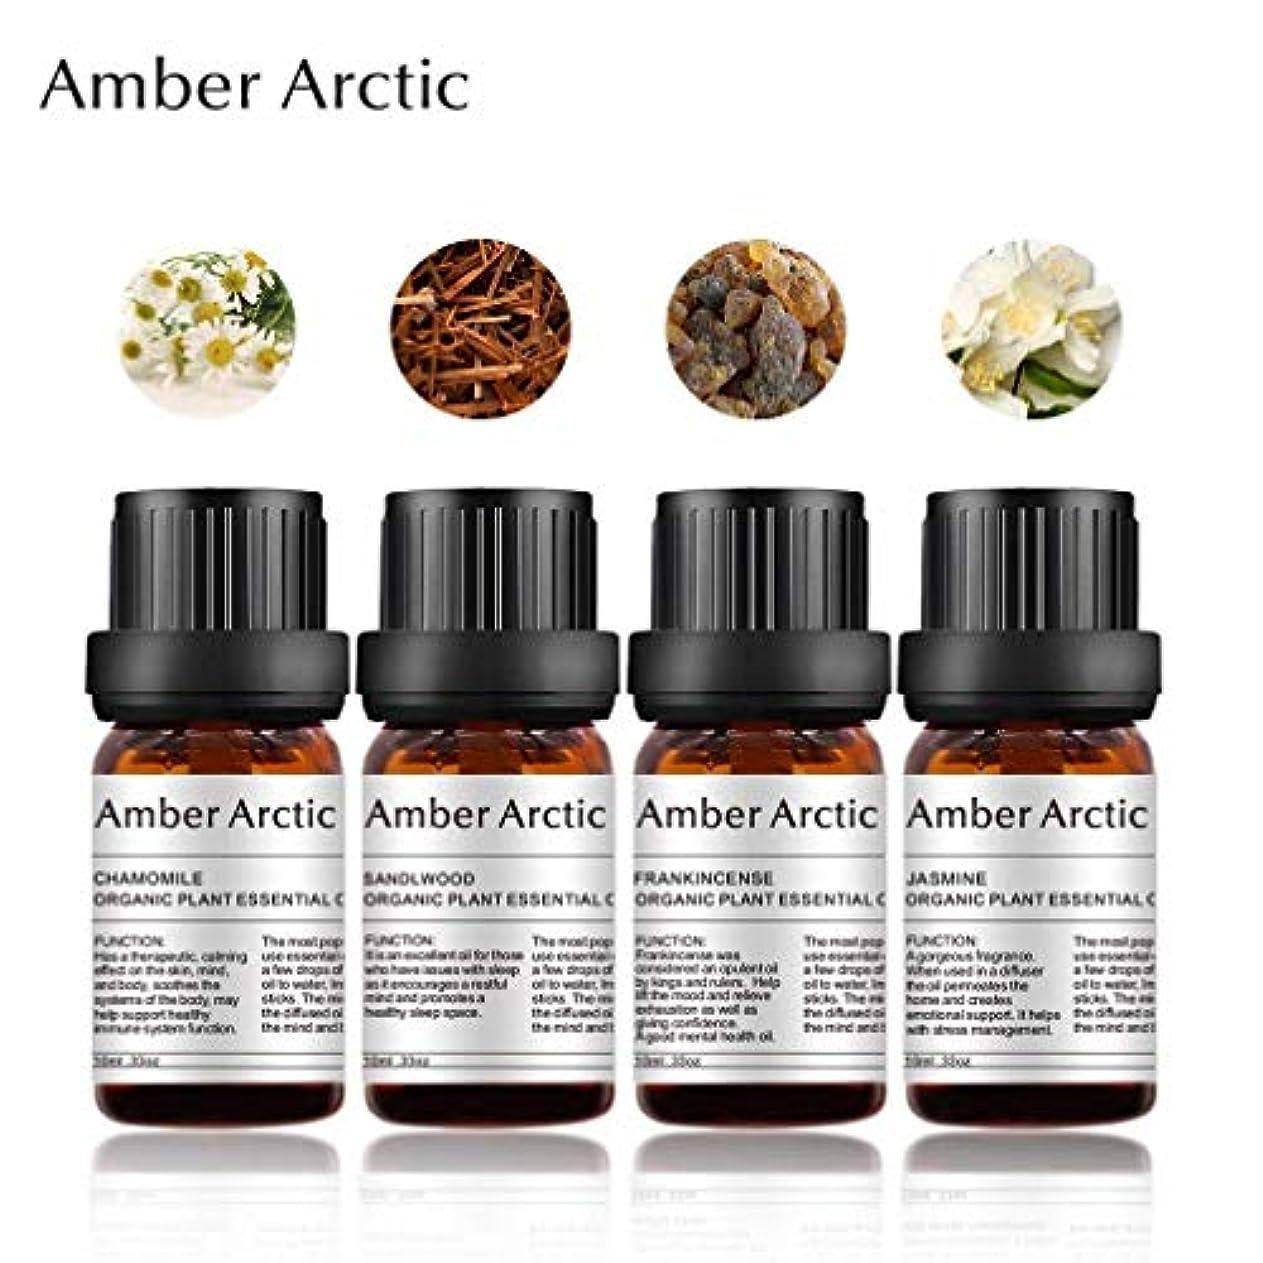 グレートバリアリーフマングル厳しいAmber Arctic 4 パック 精油 セット、 100% 純粋 天然 アロマ 最良 治療 グレード エッセンシャル オイル (ジャスミン、 カモミール、 サンダルウッド、 フランキンセンス)